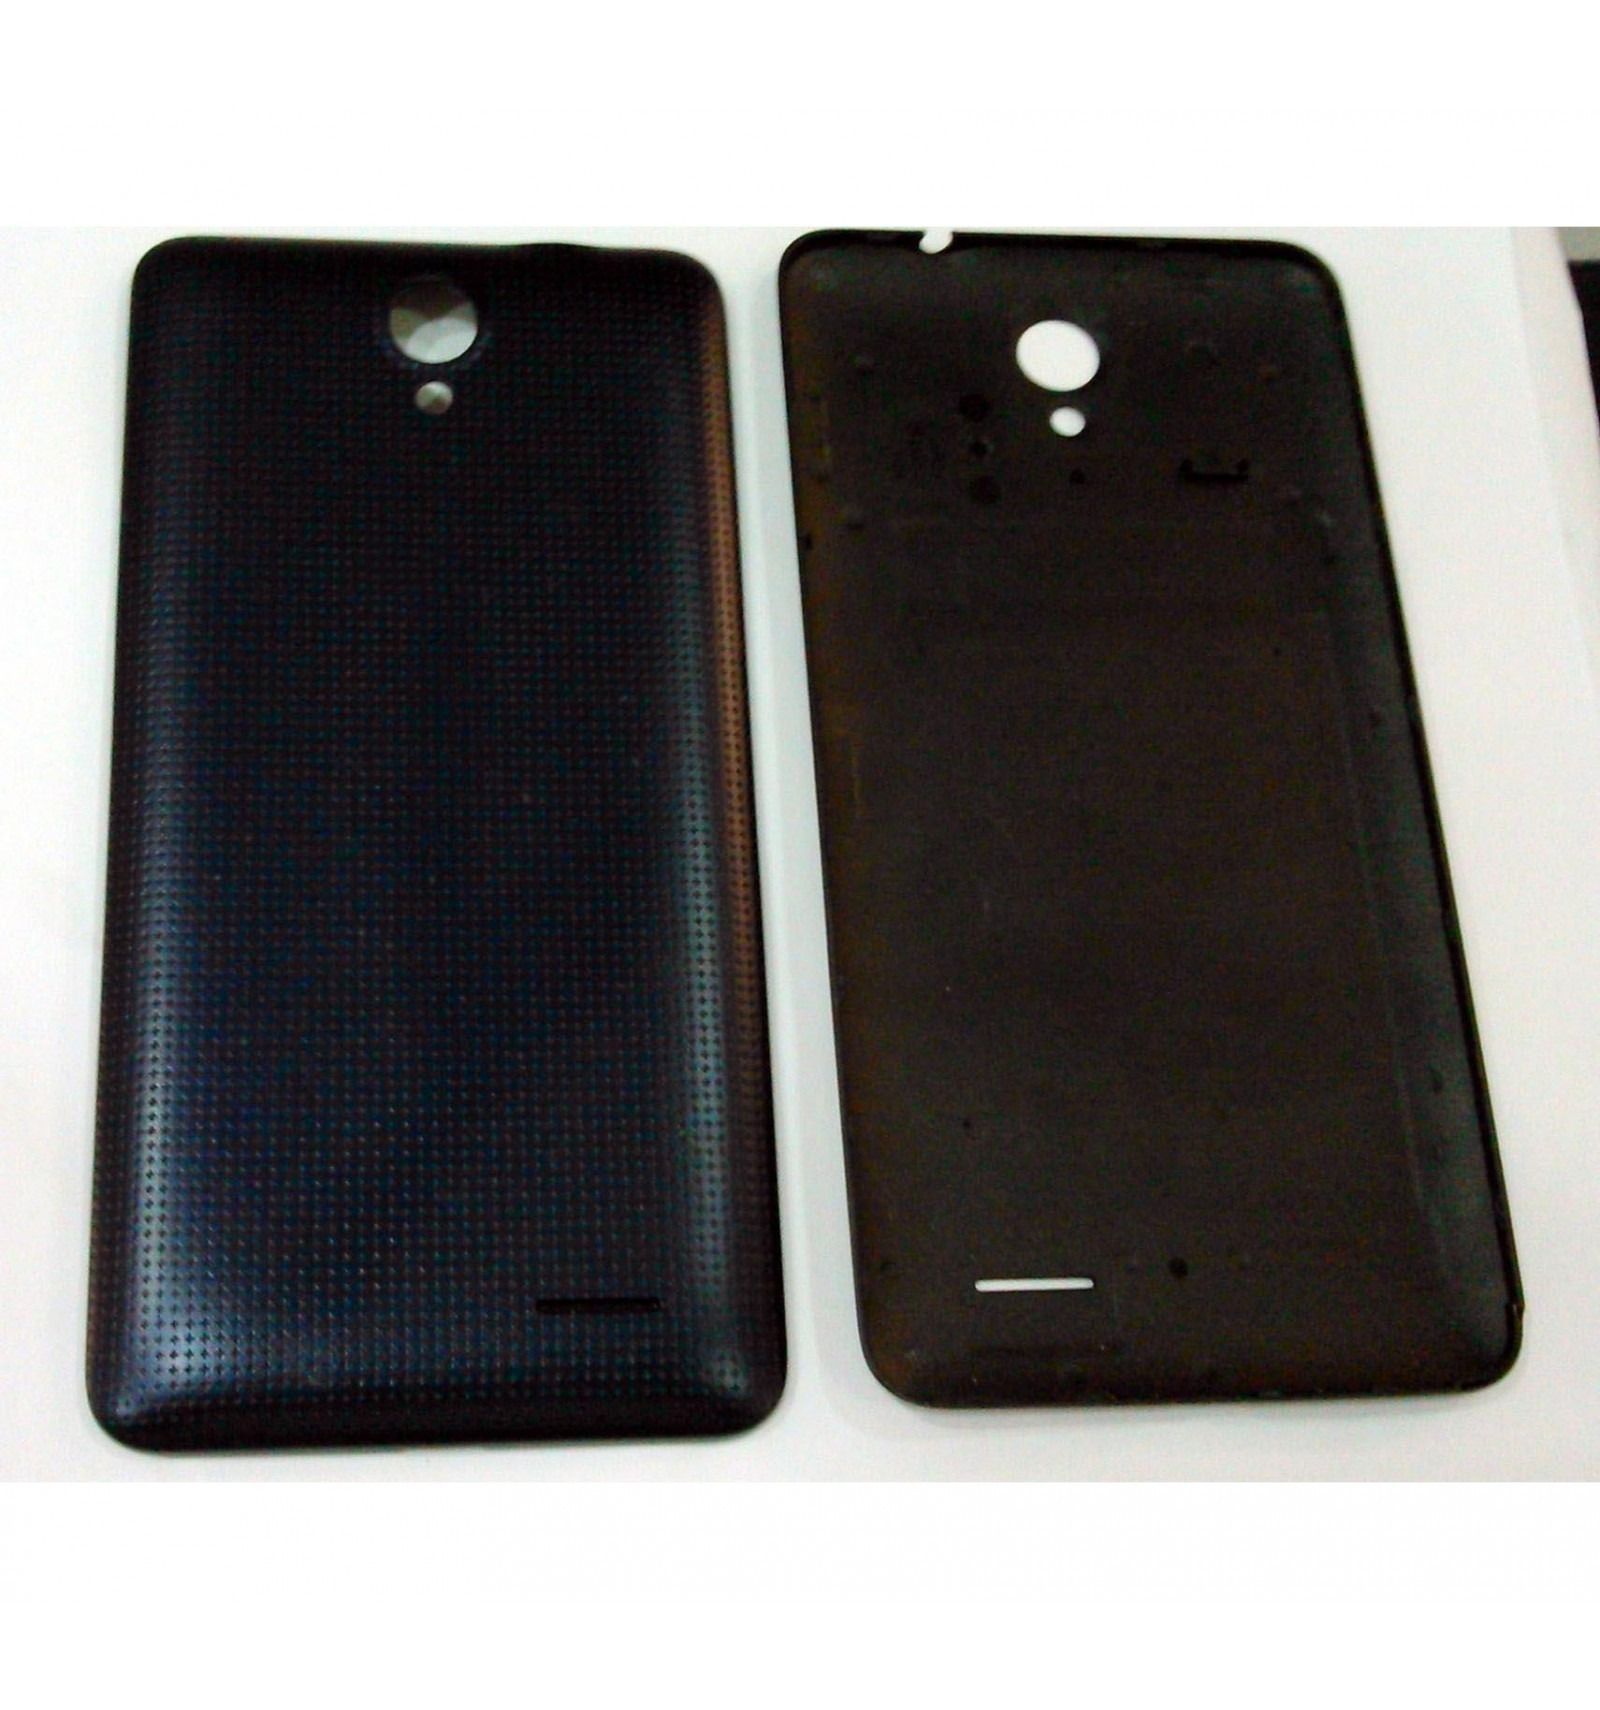 ZTE Avid Plus Z828 black battery cover